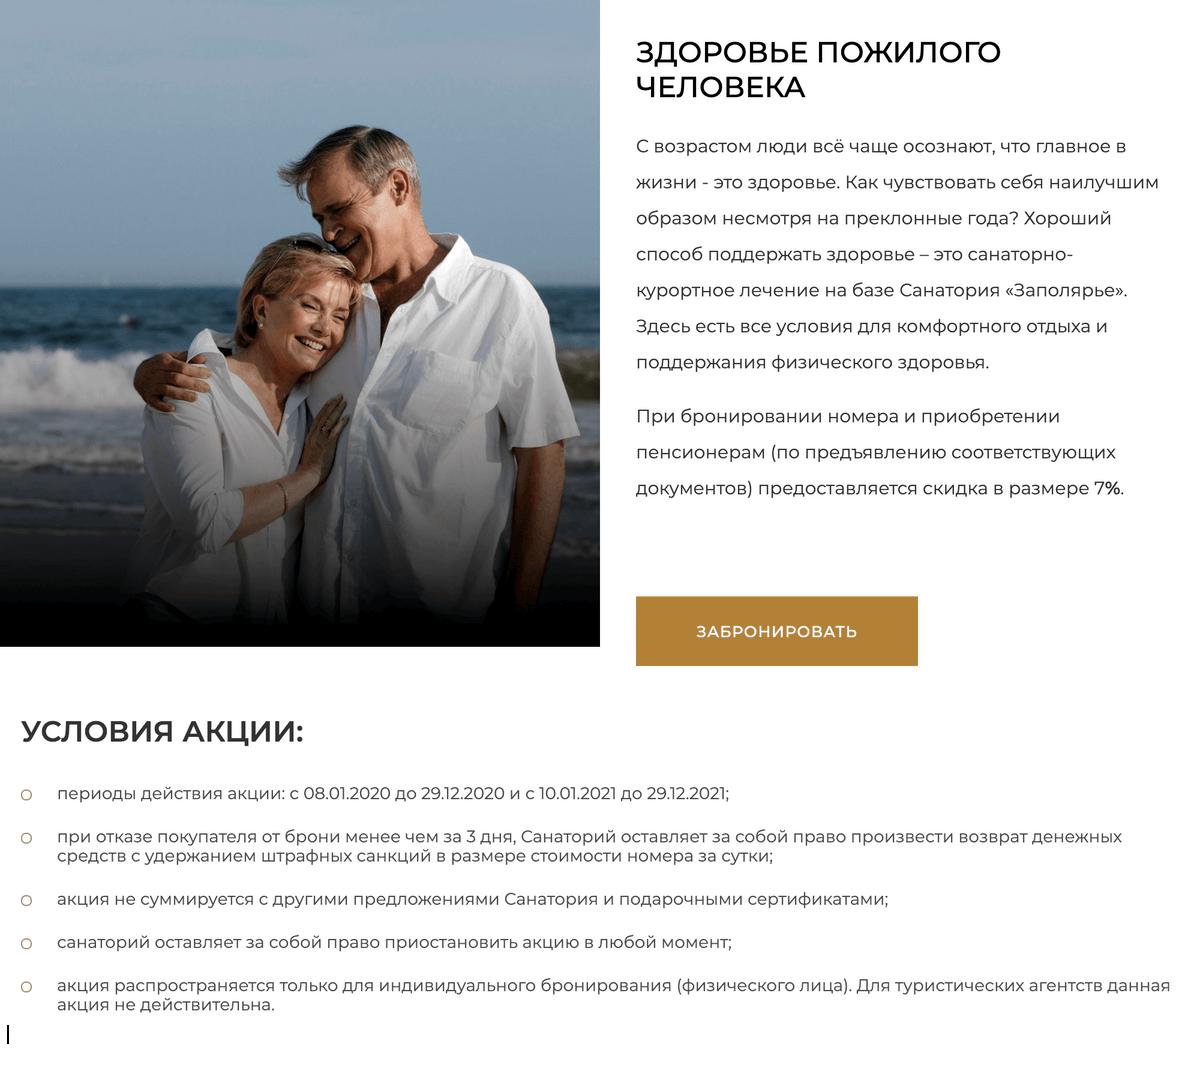 В санатории «Заполярье» 7% скидка пенсионерам действует весь 2021год. Источник: «Заполярье»